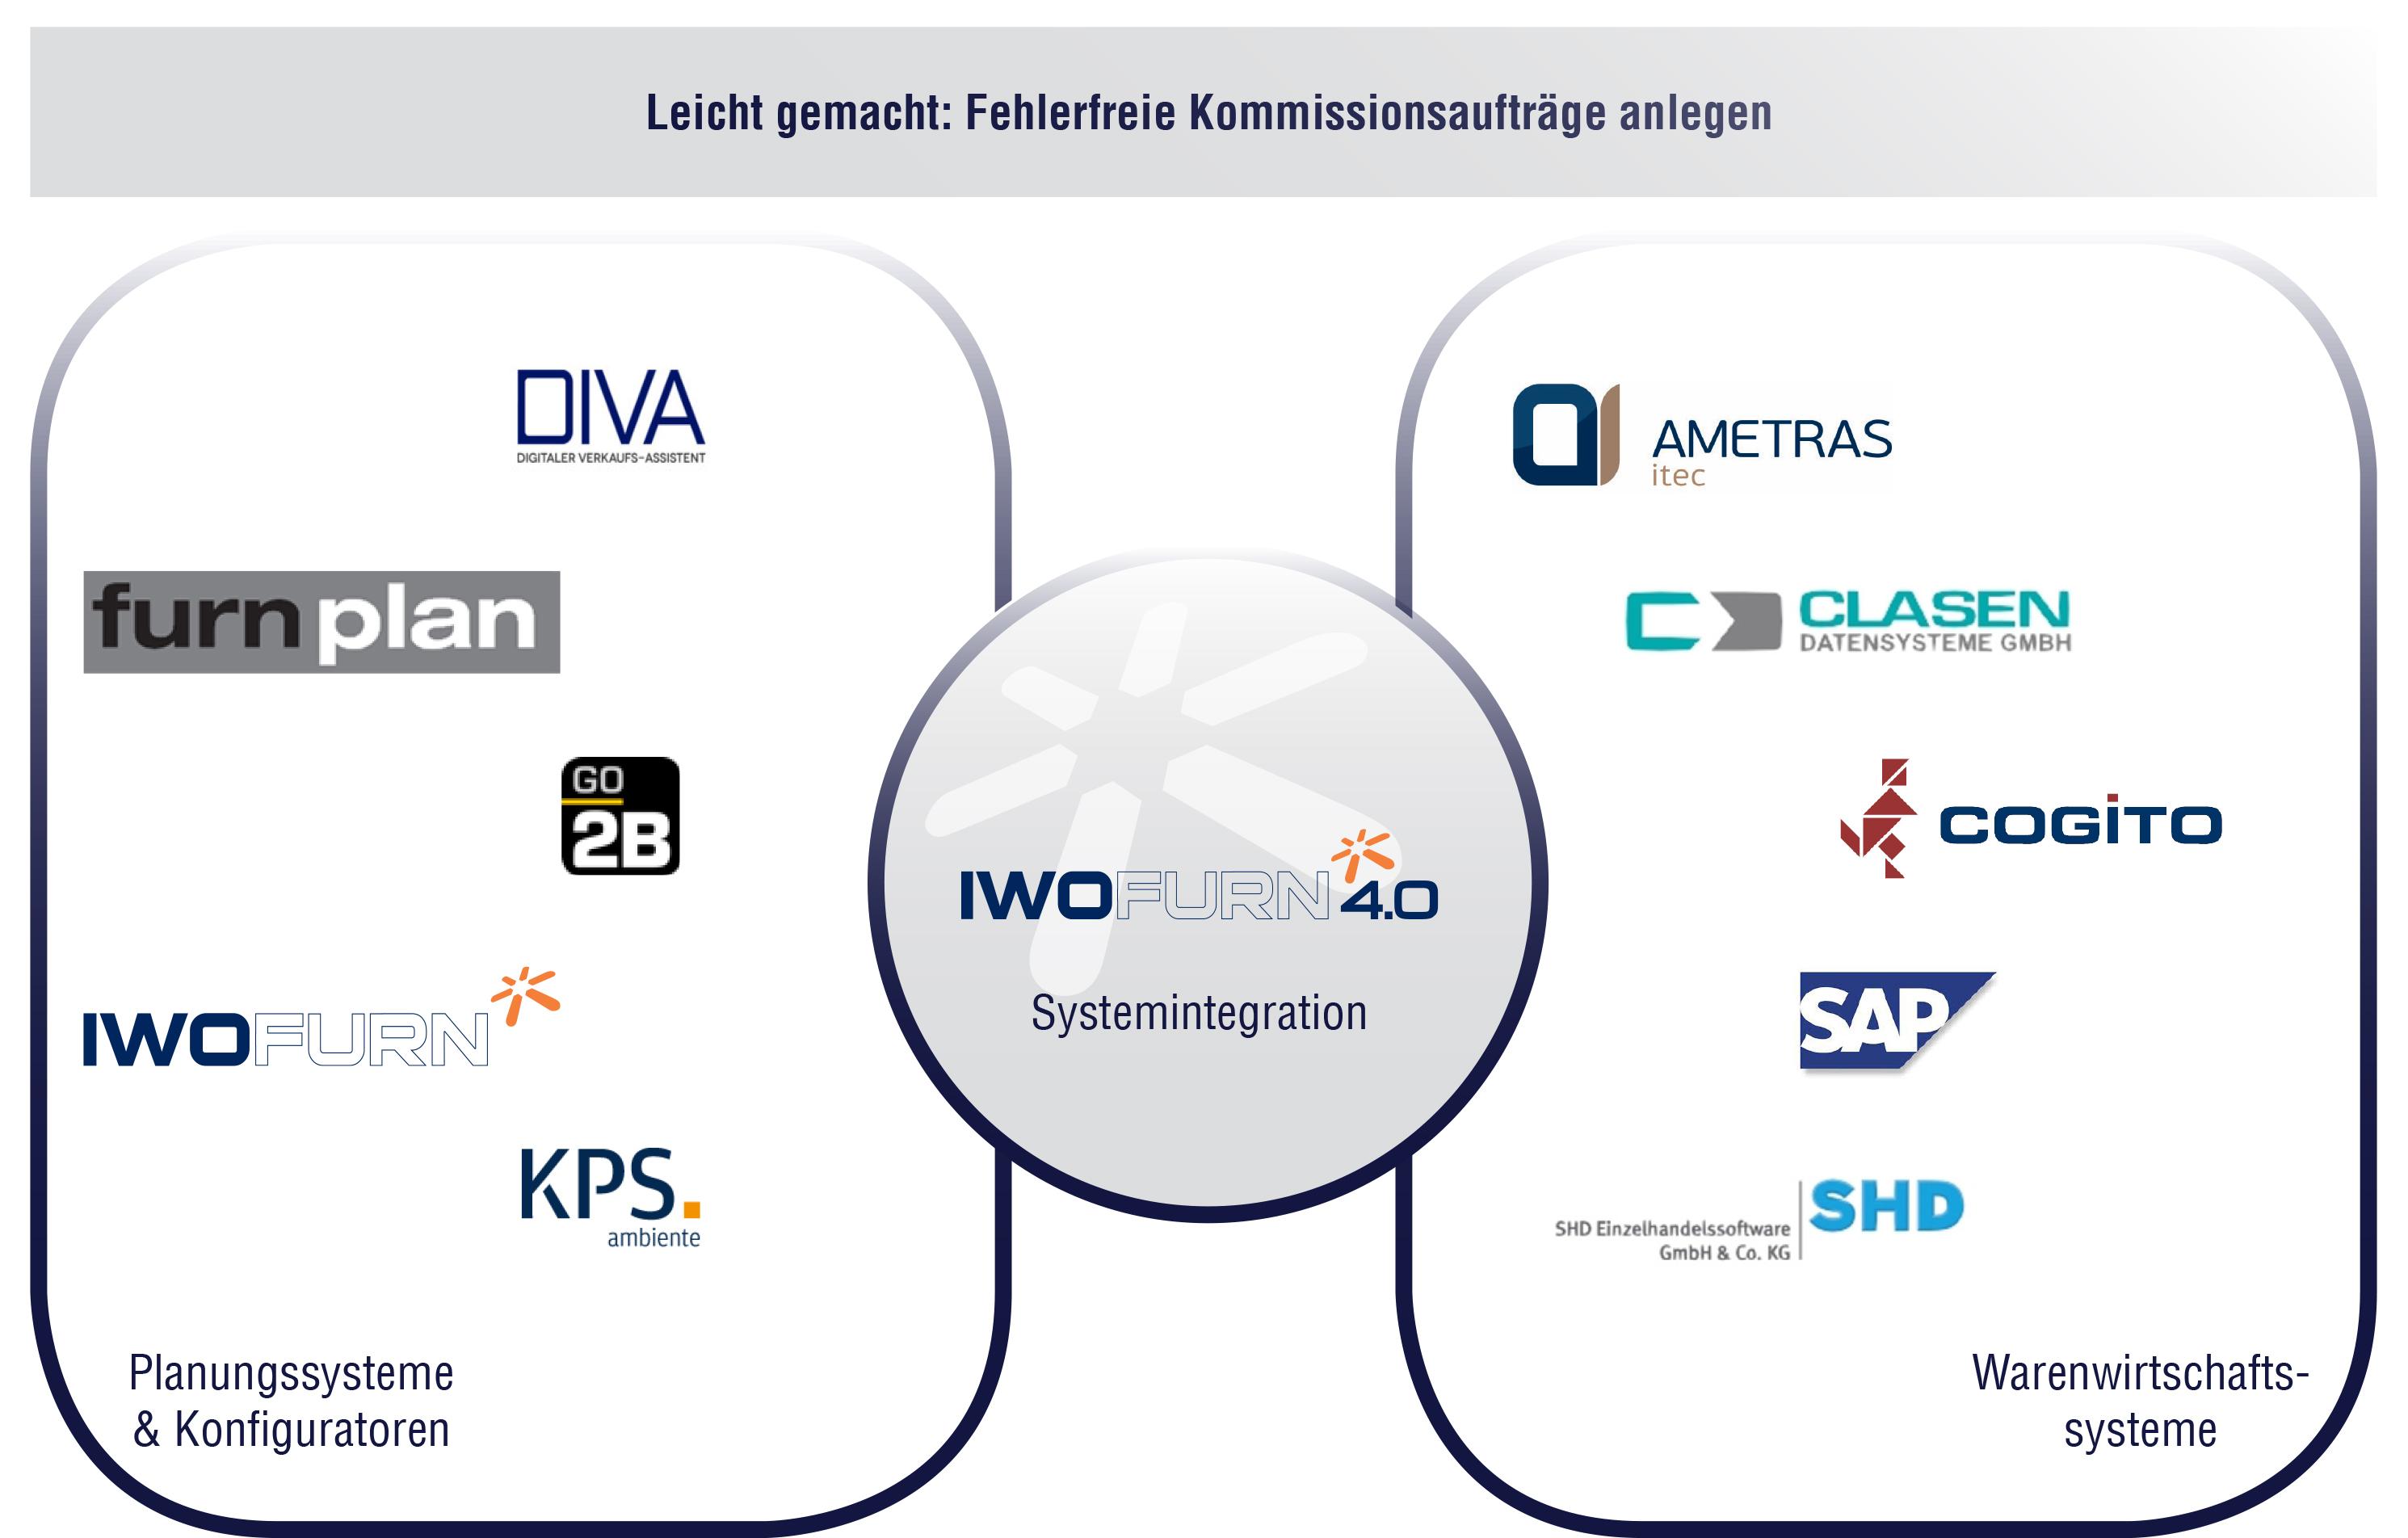 https://www.pressebox.de/pressemitteilung/flintec-informations ...